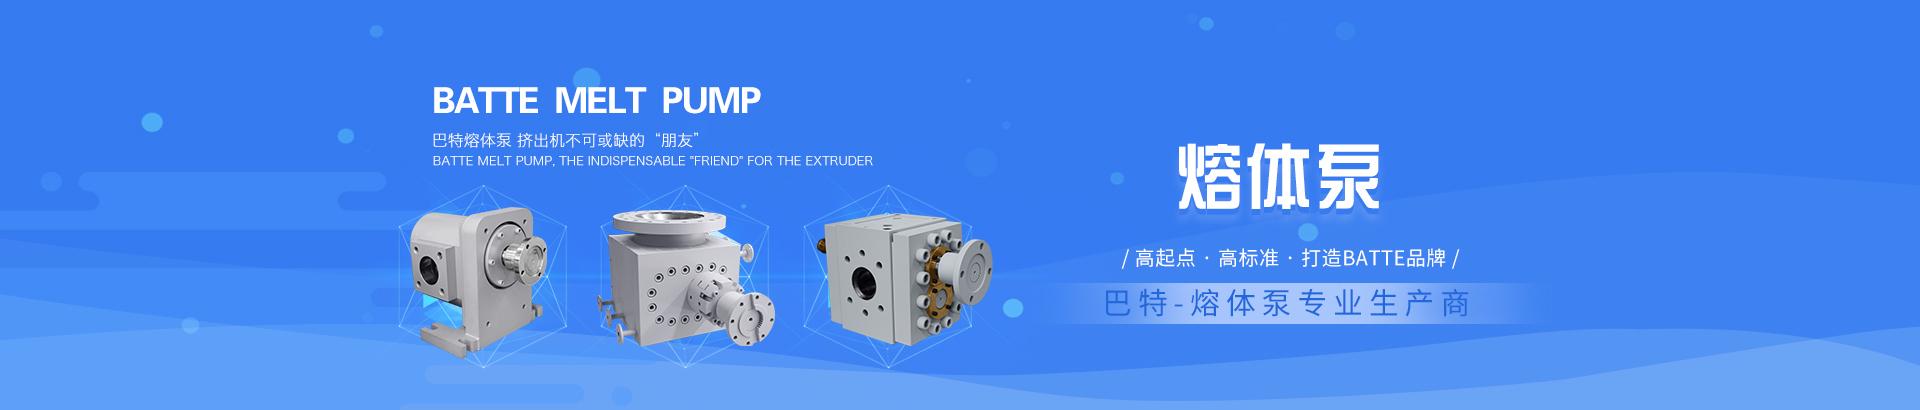 巴特:做熔体泵行业的巅峰品牌